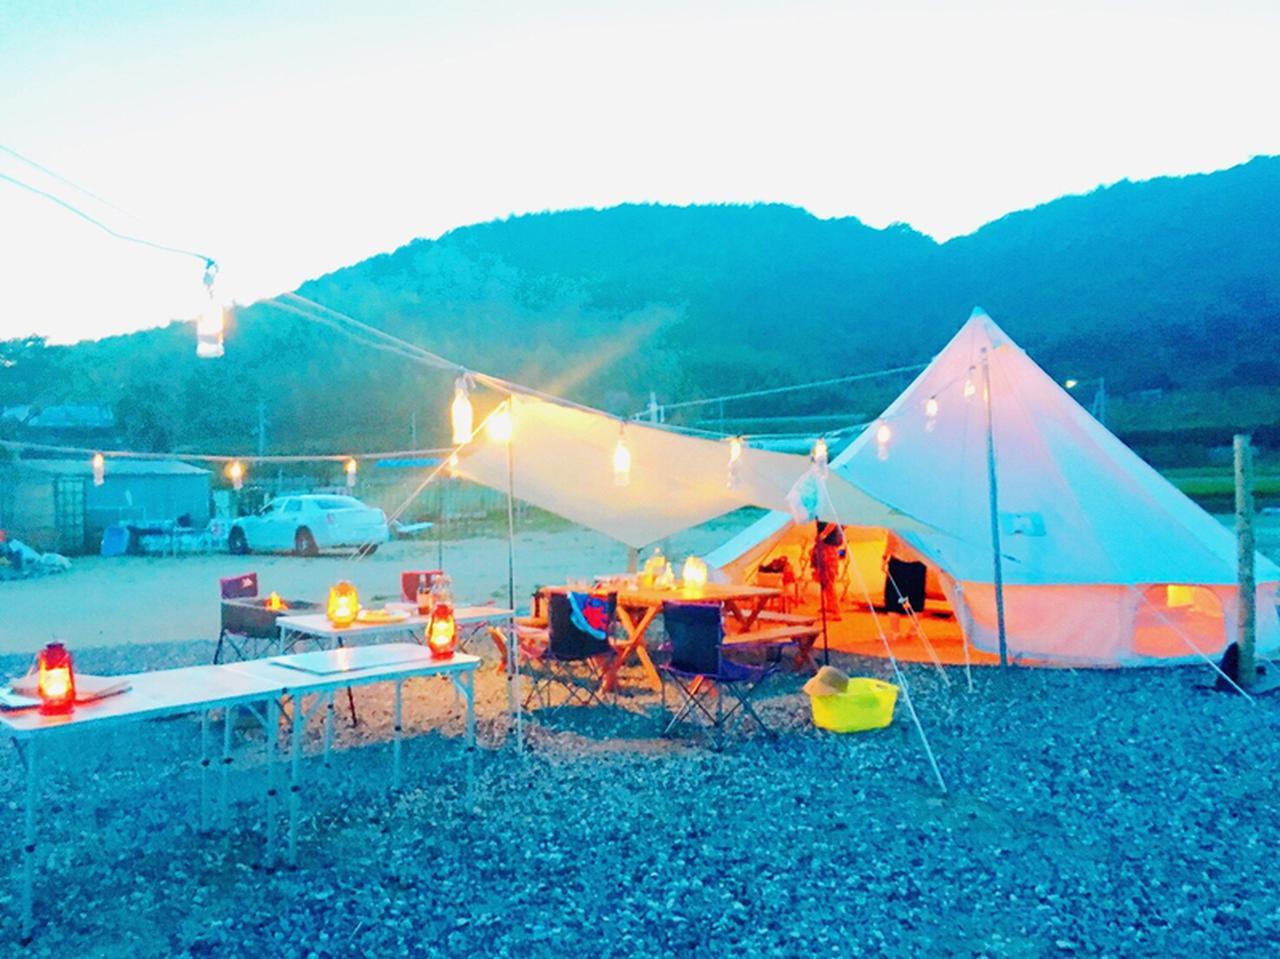 画像1: 【おすすめホットカーペット5選】冬キャンプを快適に過ごすために選び方&おすすめをご紹介!